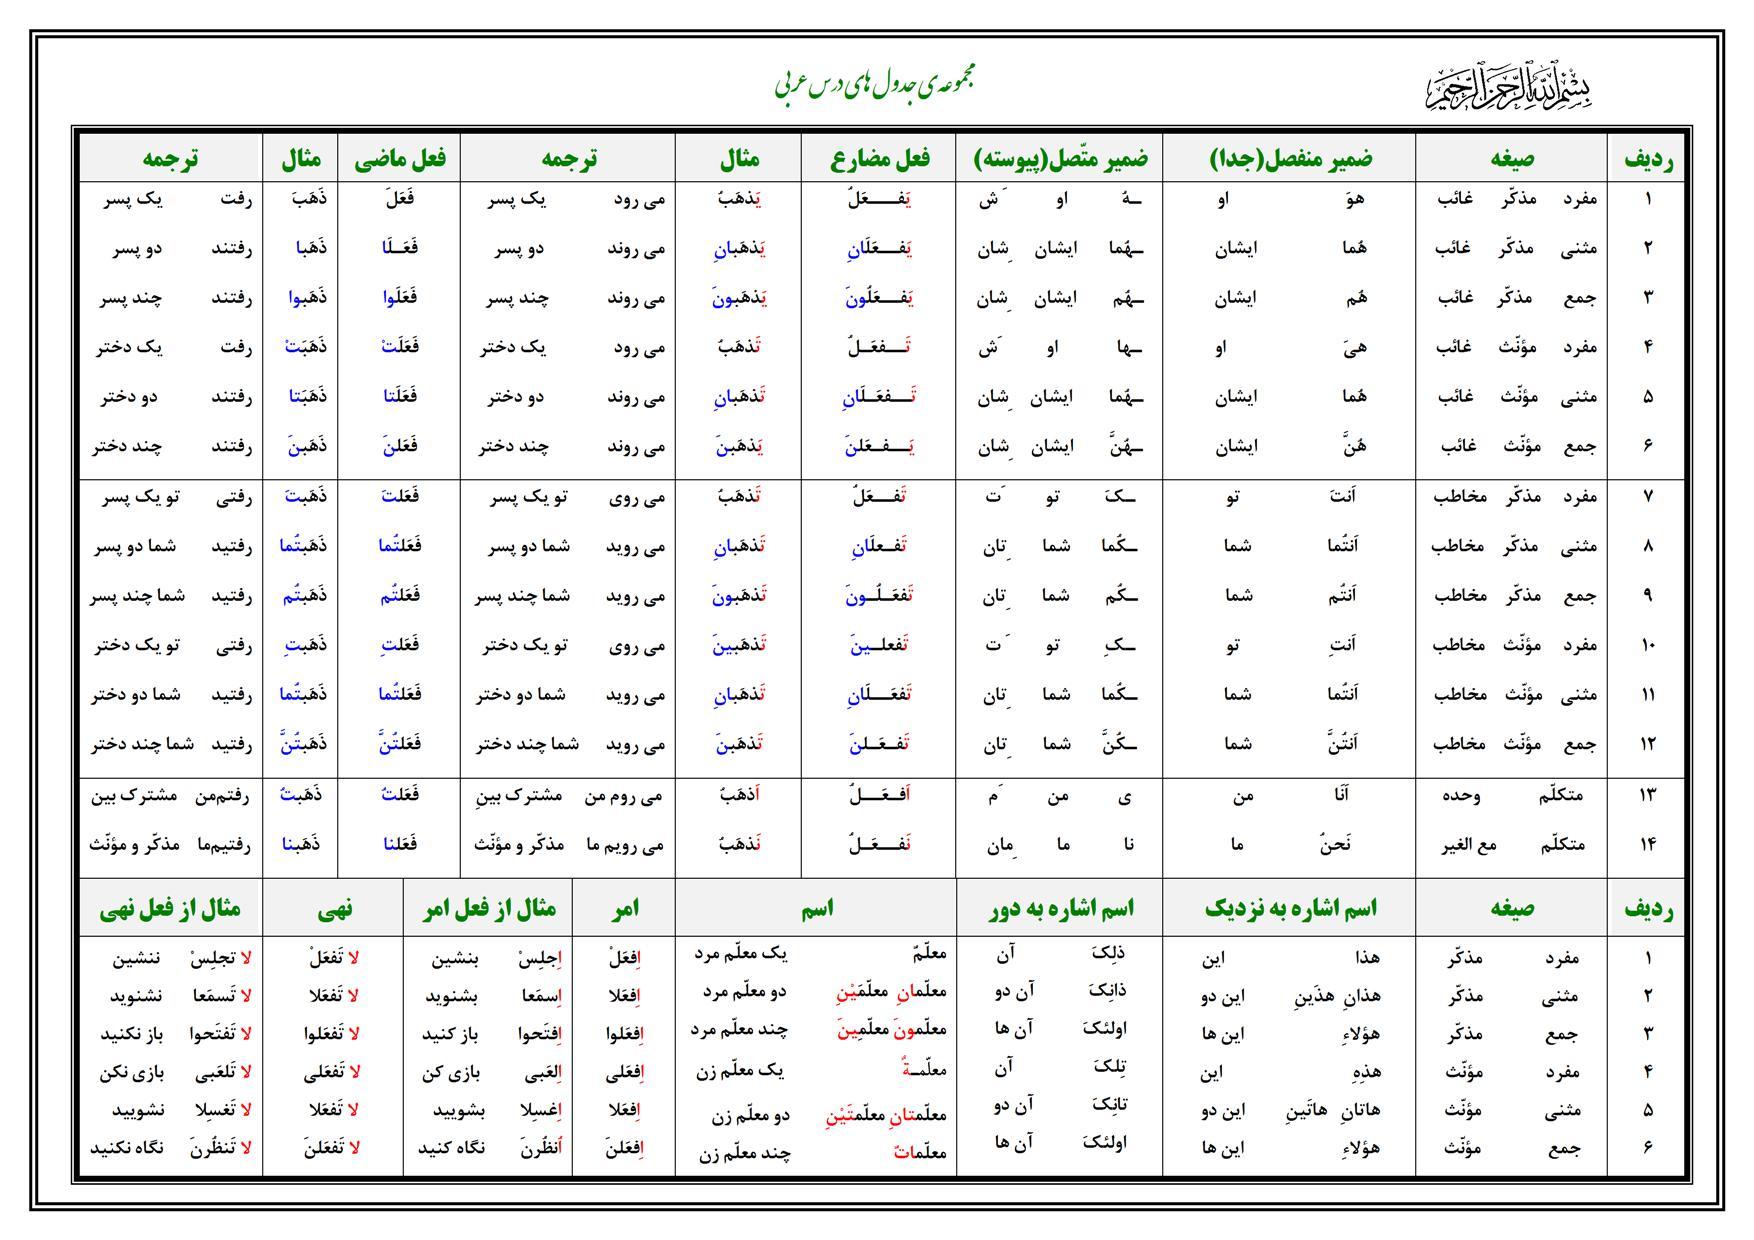 آموزشی - عربی 3برای مشاهده قواعد دروس عربی سوم راهنمایی روی لینک زیر کلیک کنید: